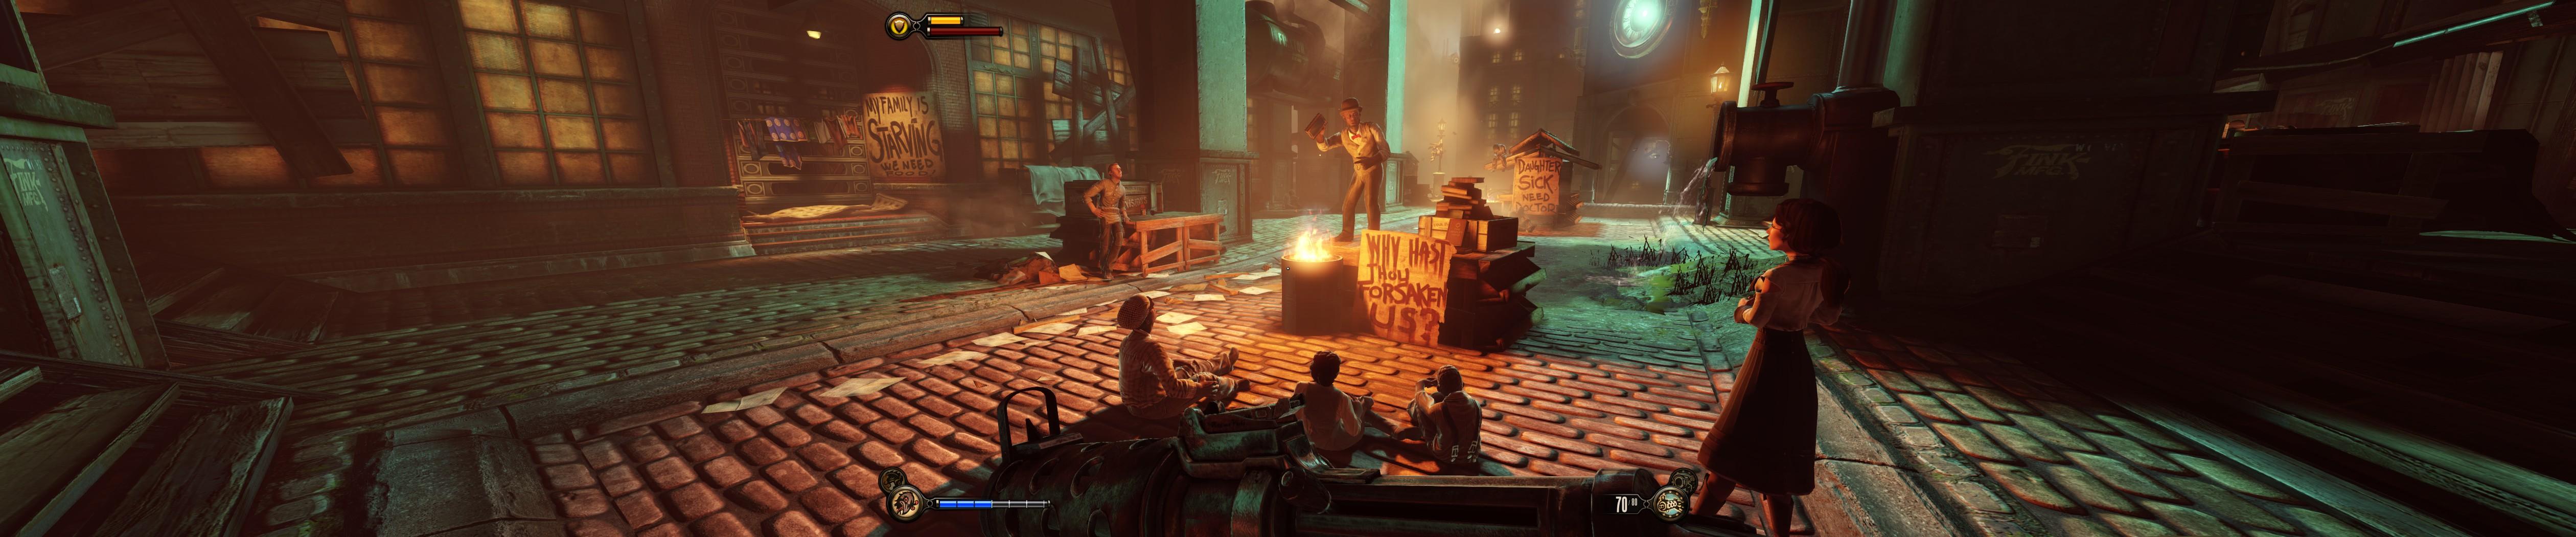 Bioshock_Infinite_2013-05-14_00039